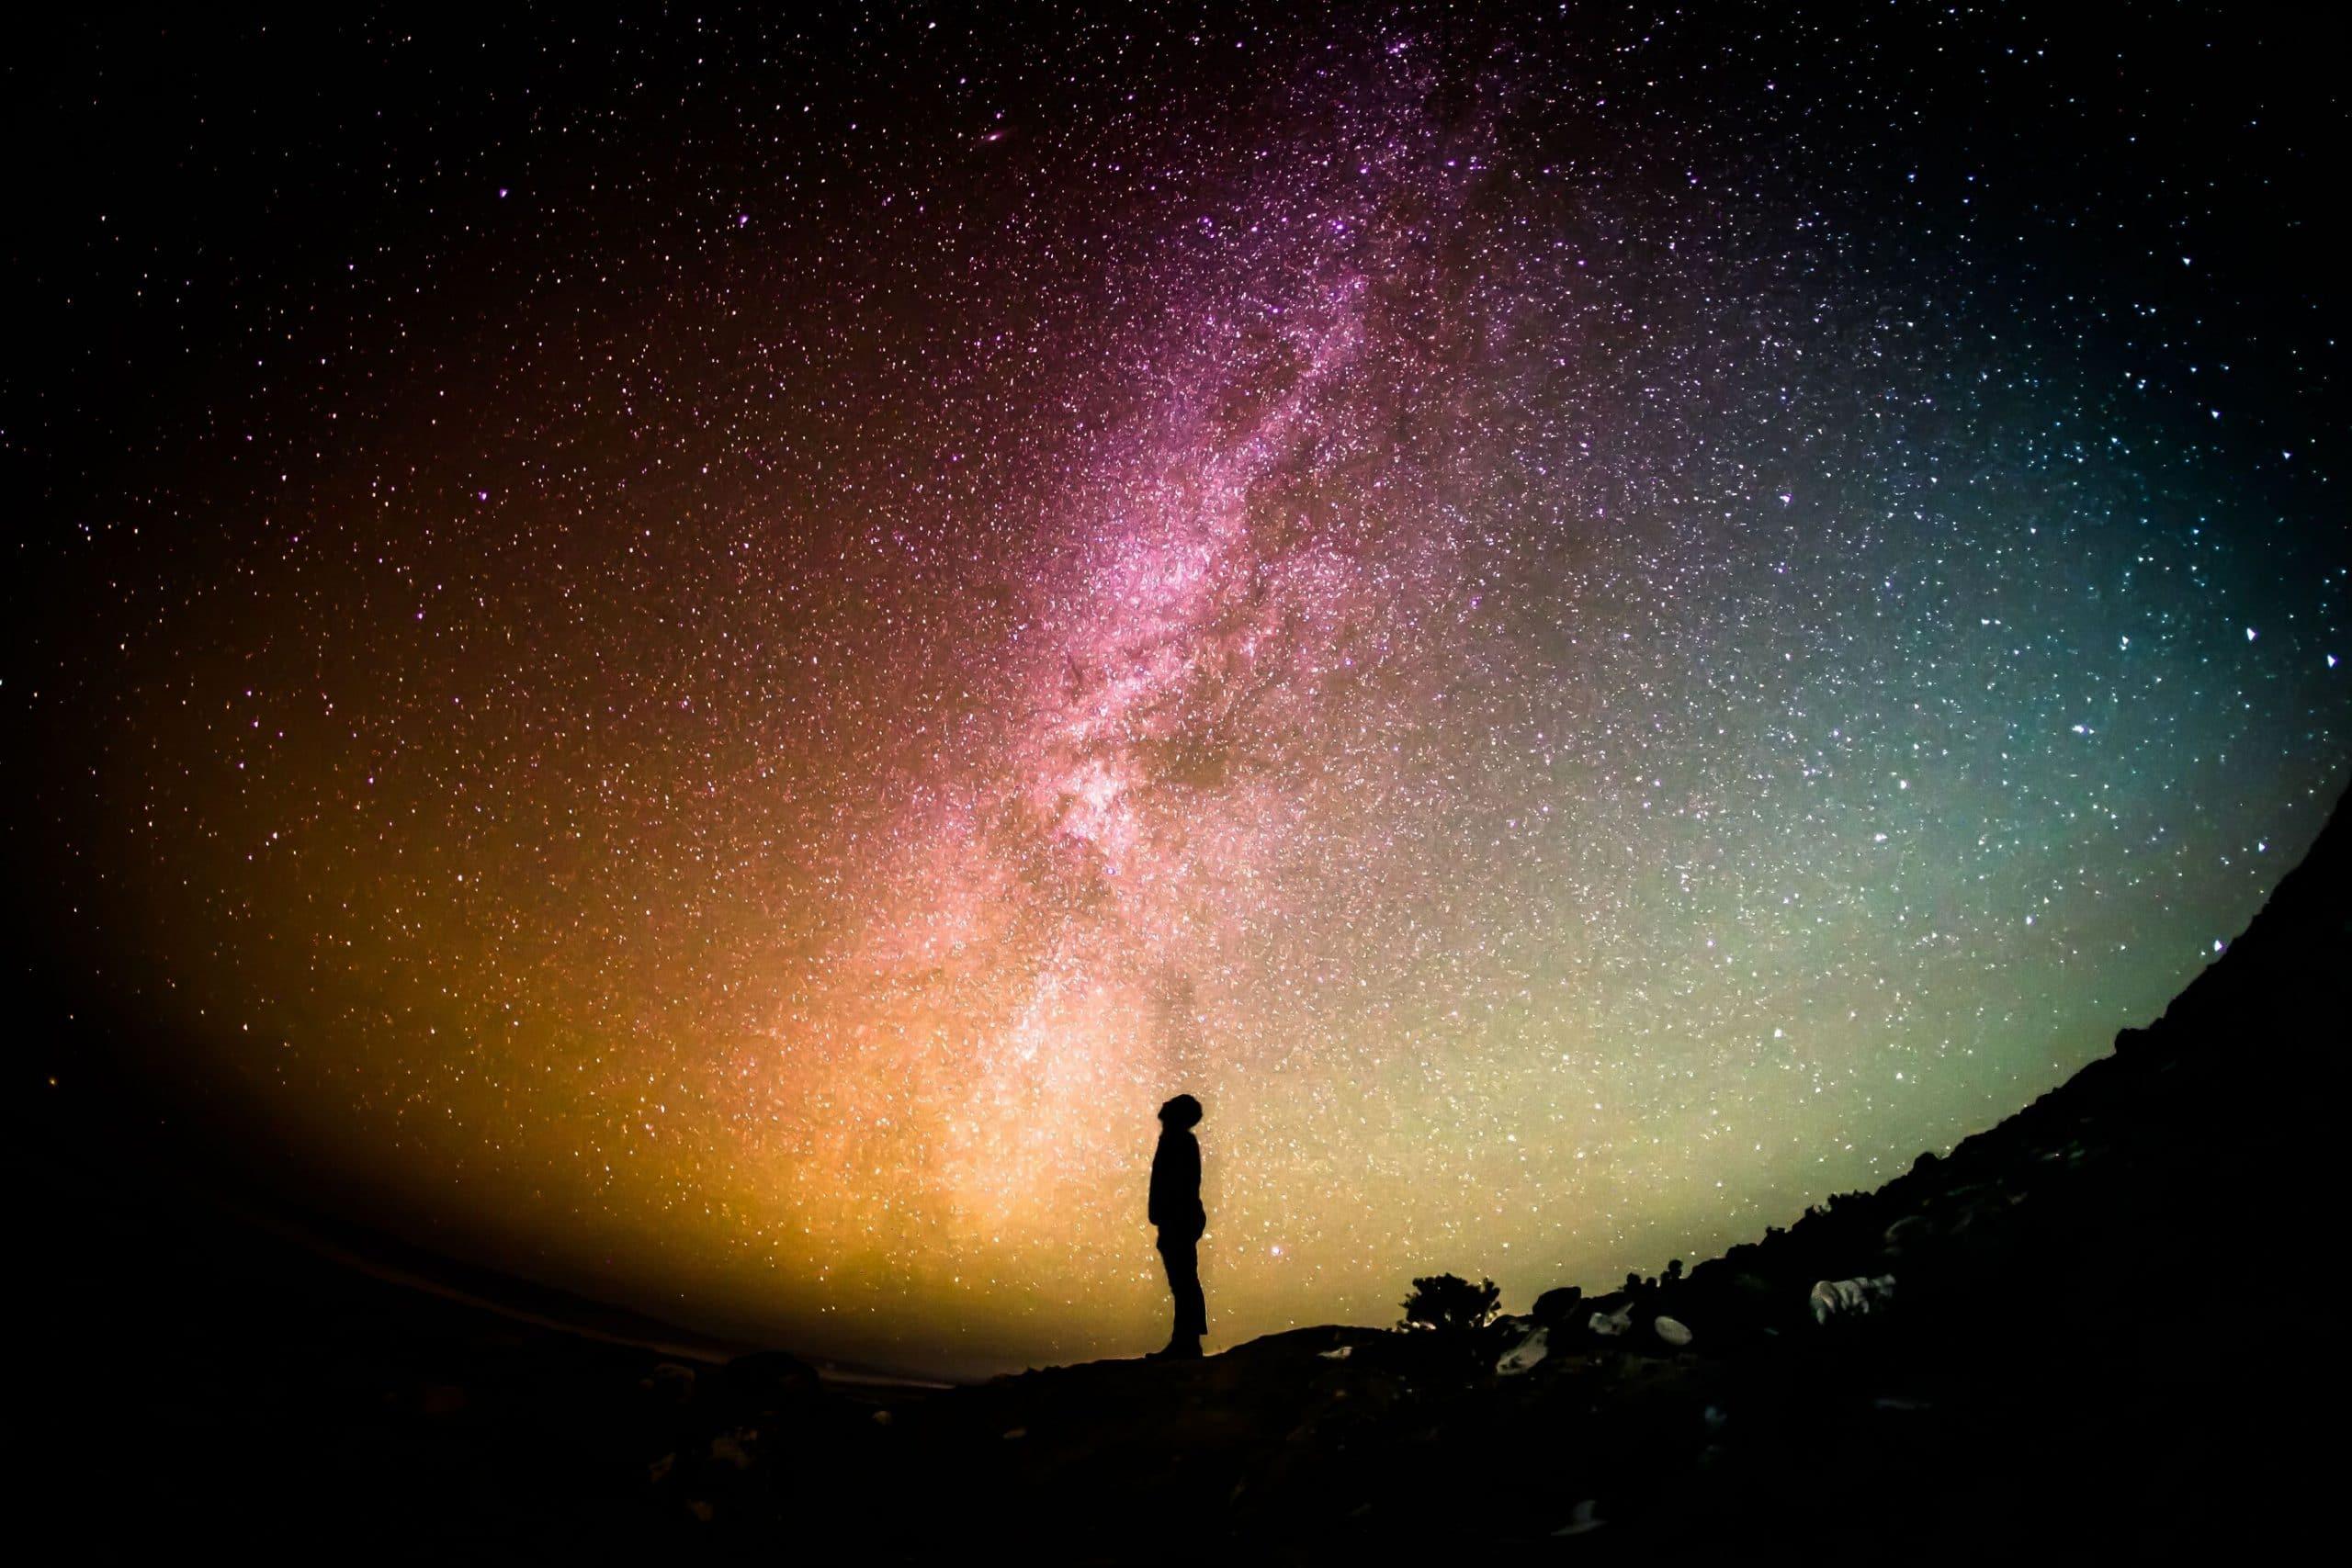 Silhueta de pessoa olhando para cima com céu estrelado ao fundo